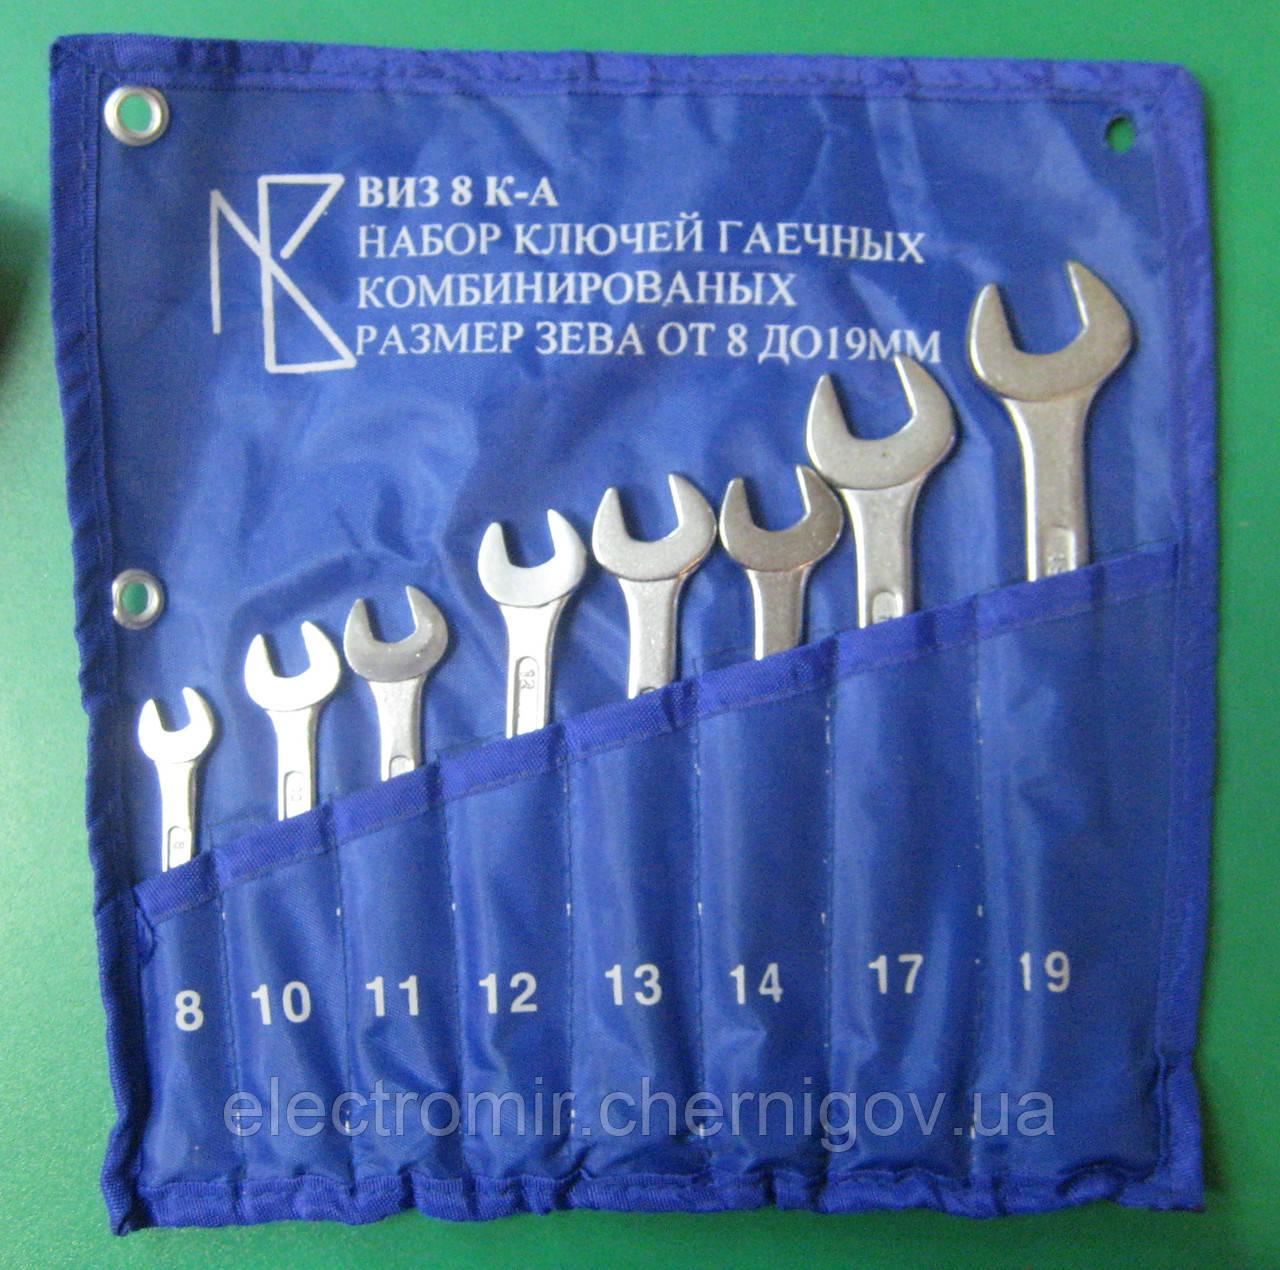 Набор ключей гаечных комбинированых ВИЗ-8 К-А (8-19 мм) с чехлом